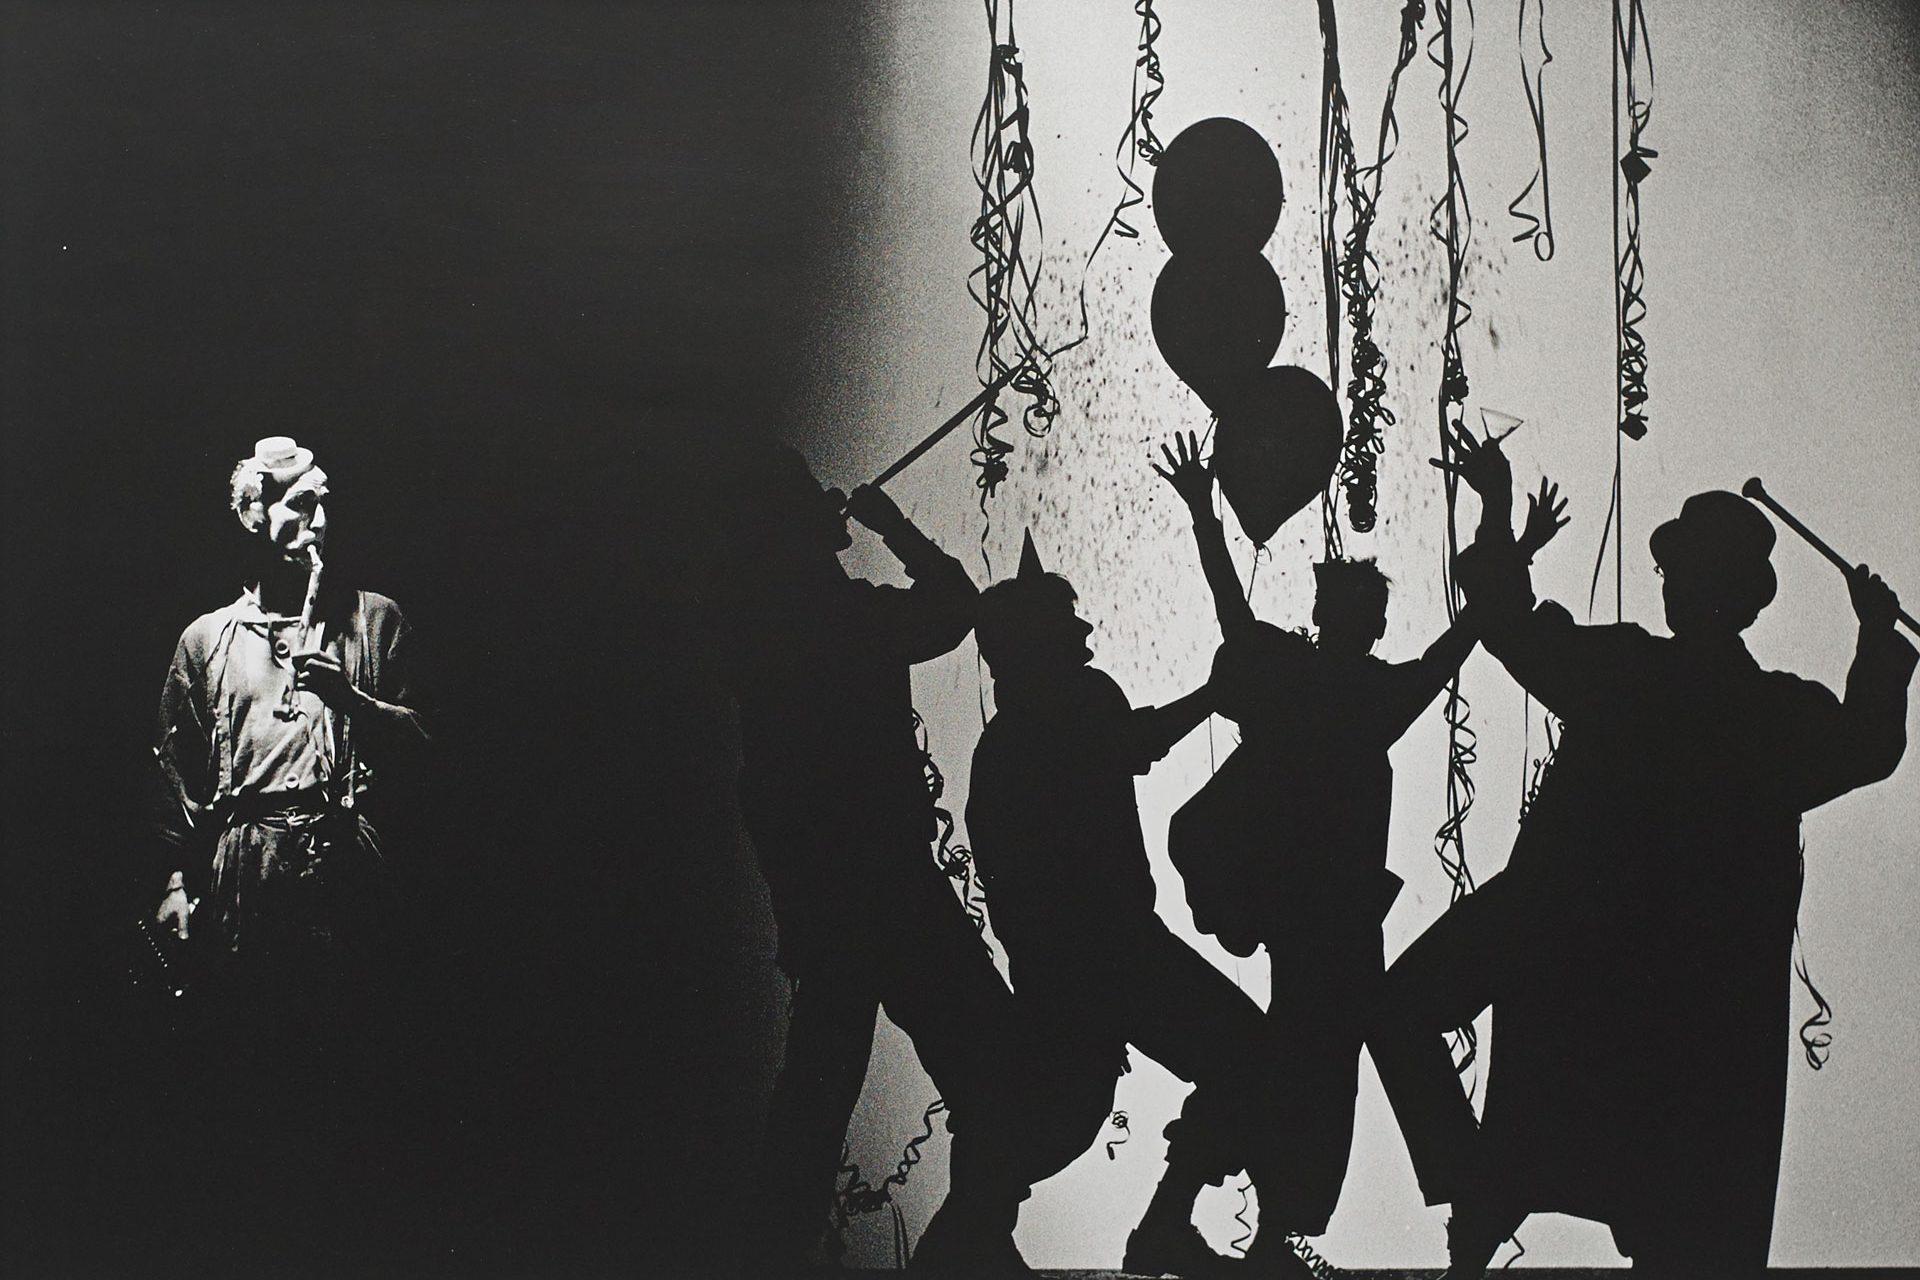 Eine Studioaufnahme, auf der linken Seite wird ein mann beleuchtet, auf der rechten Seite ist ein Schatten einer feiernden Karnevalsgesellschaft.